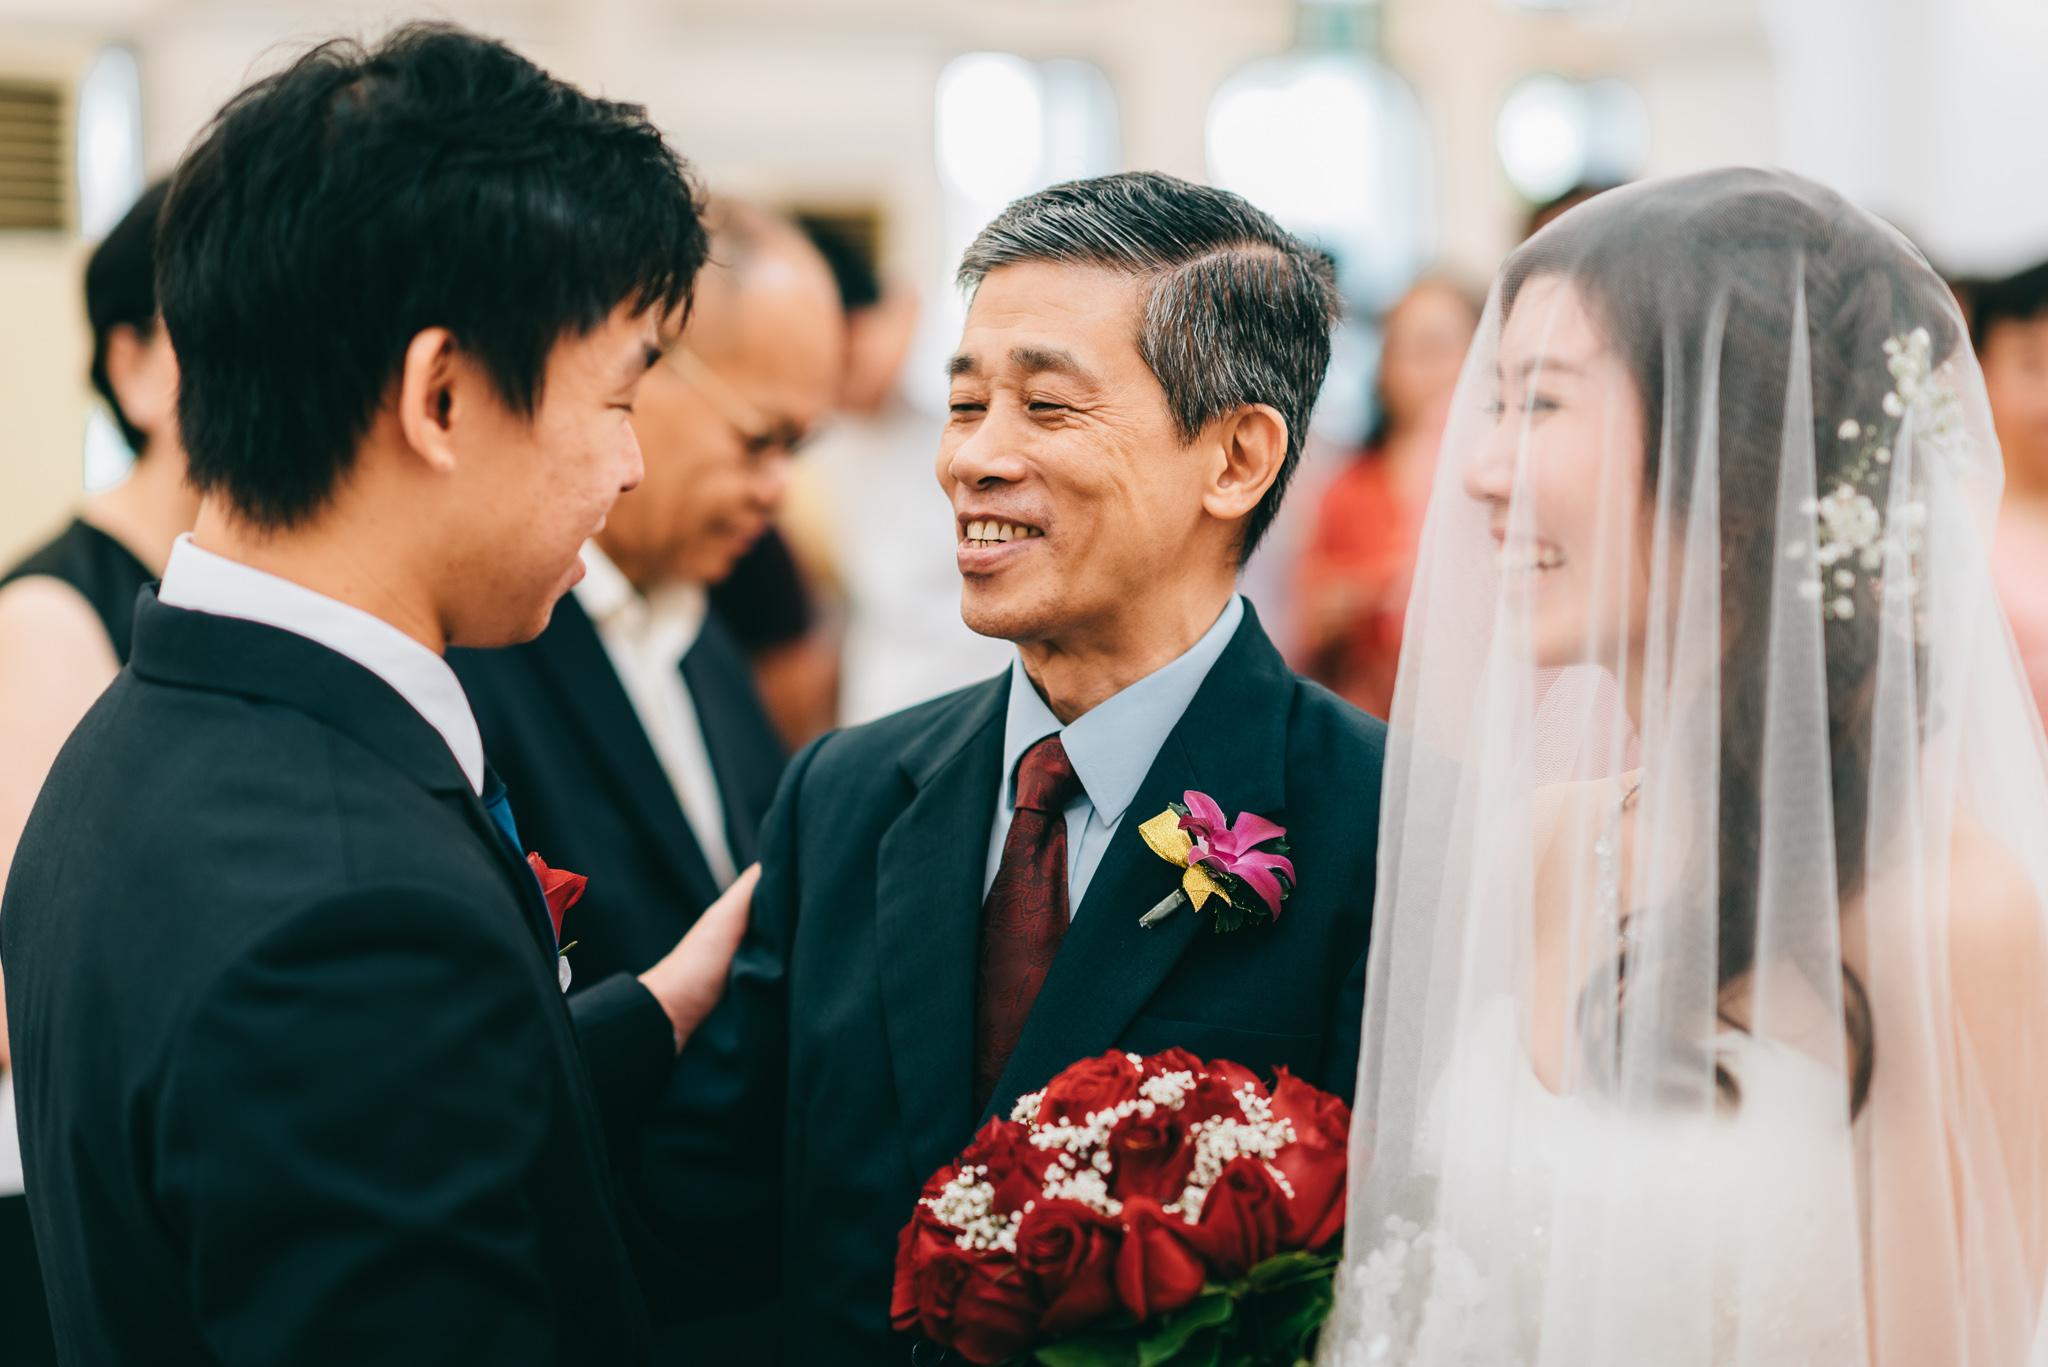 Lionel & Karen Wedding Day Highlights (resized for sharing) - 053.jpg